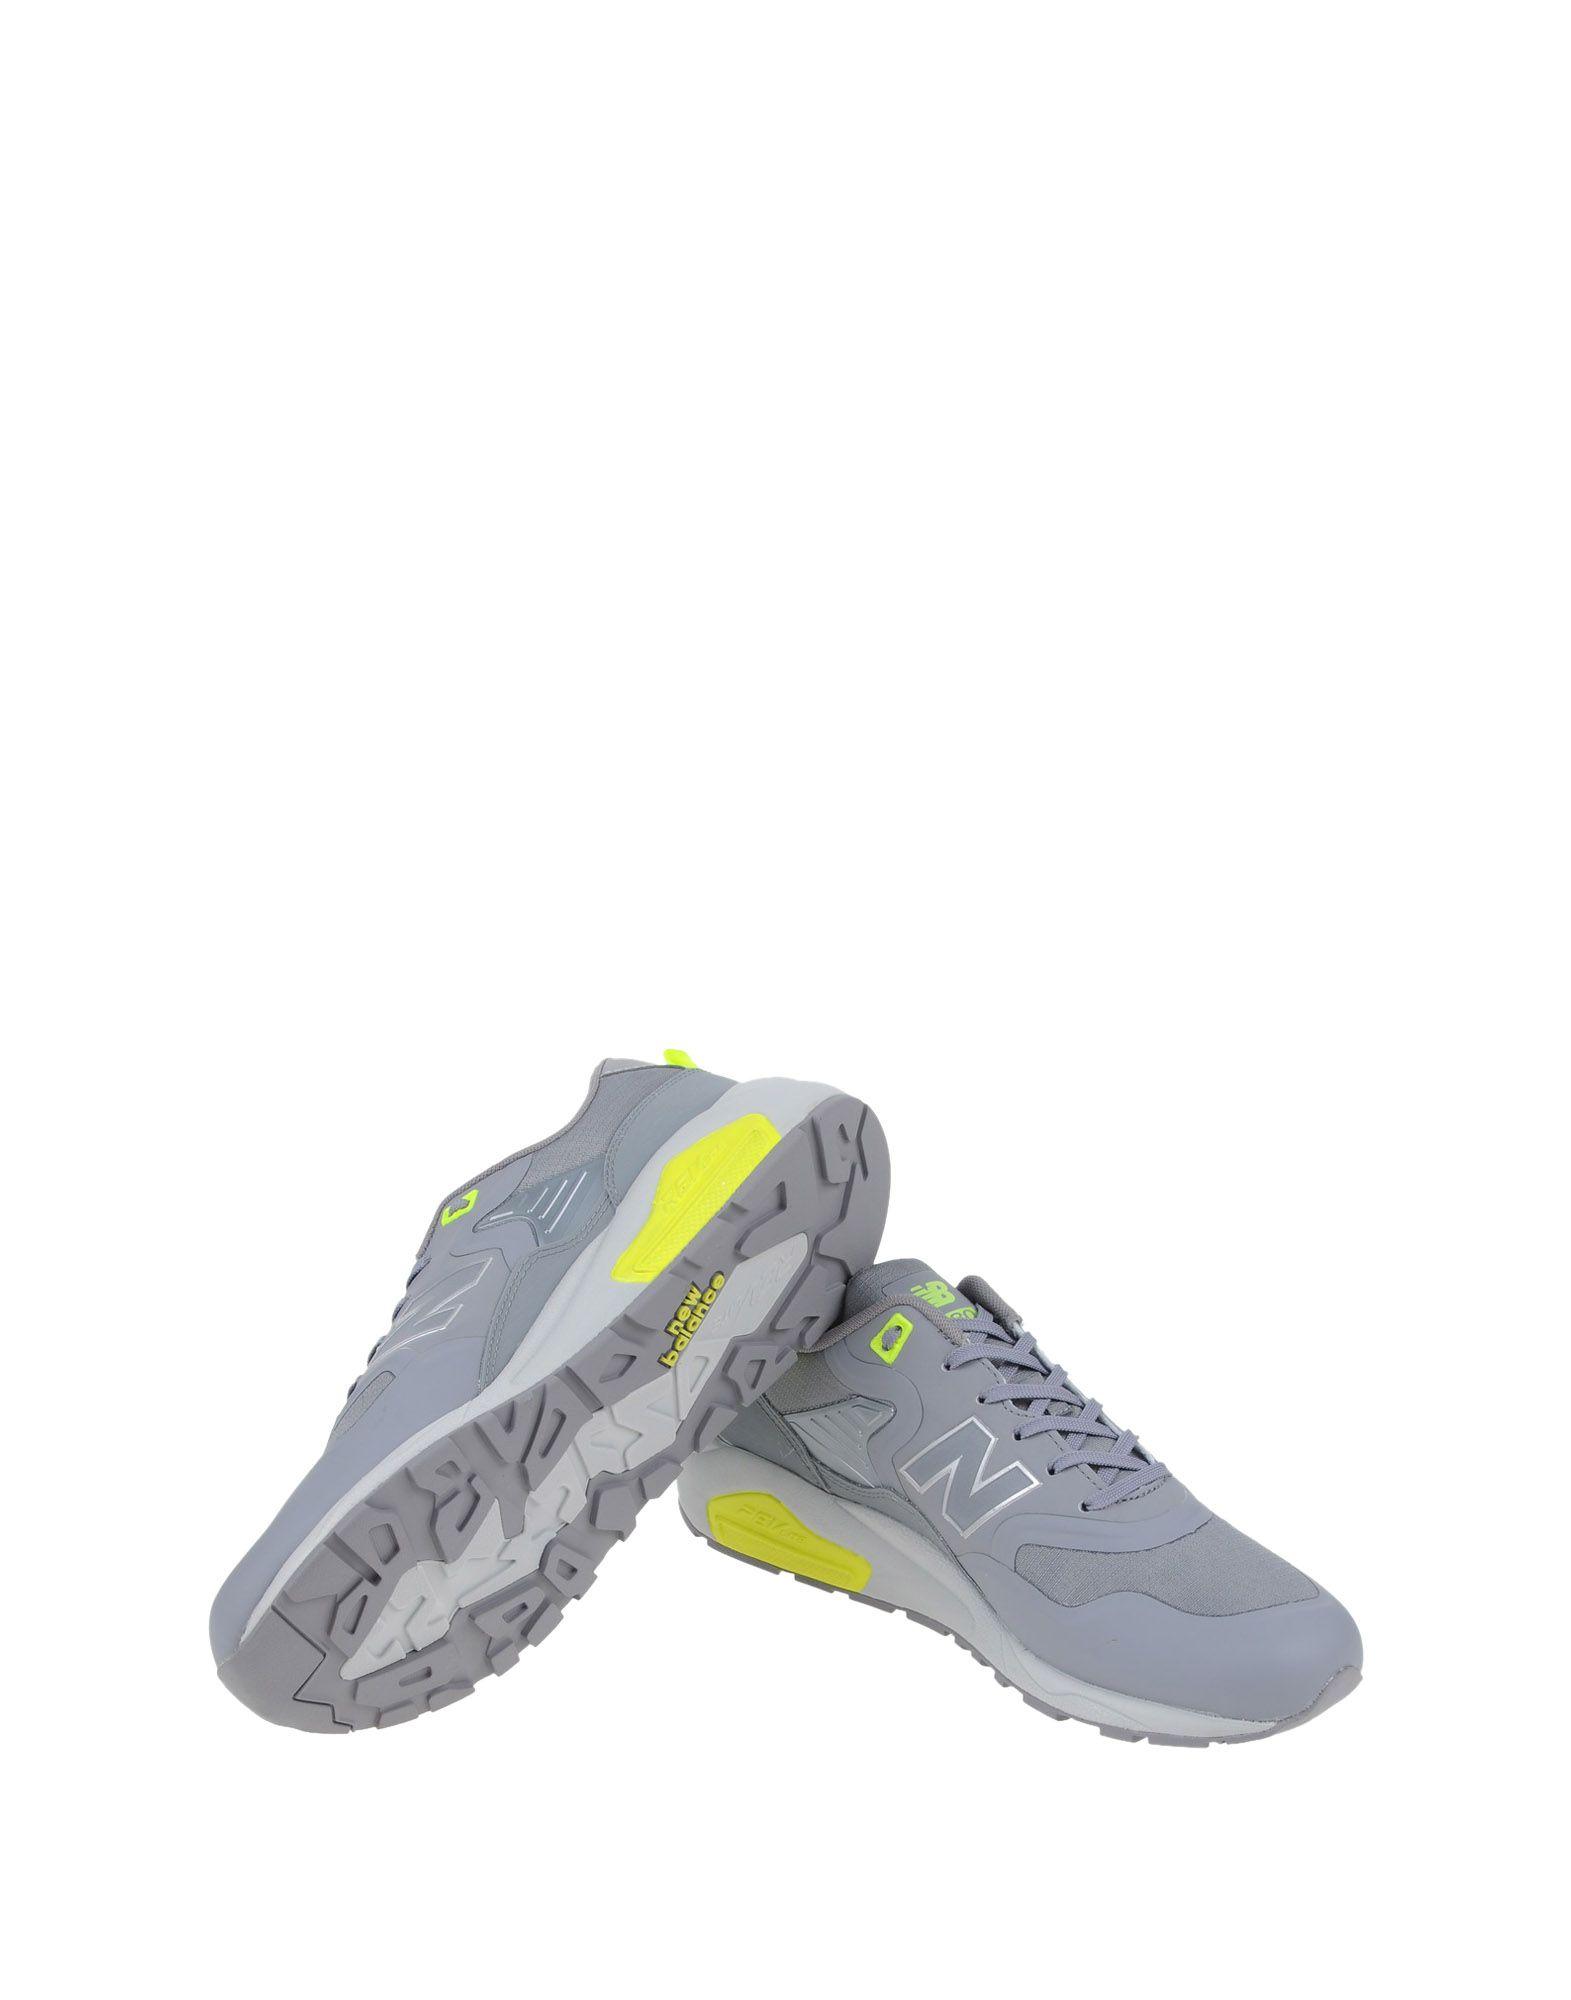 Rabatt echte Schuhe  New Balance 580 Brights  Schuhe 44993868XW 04b78b